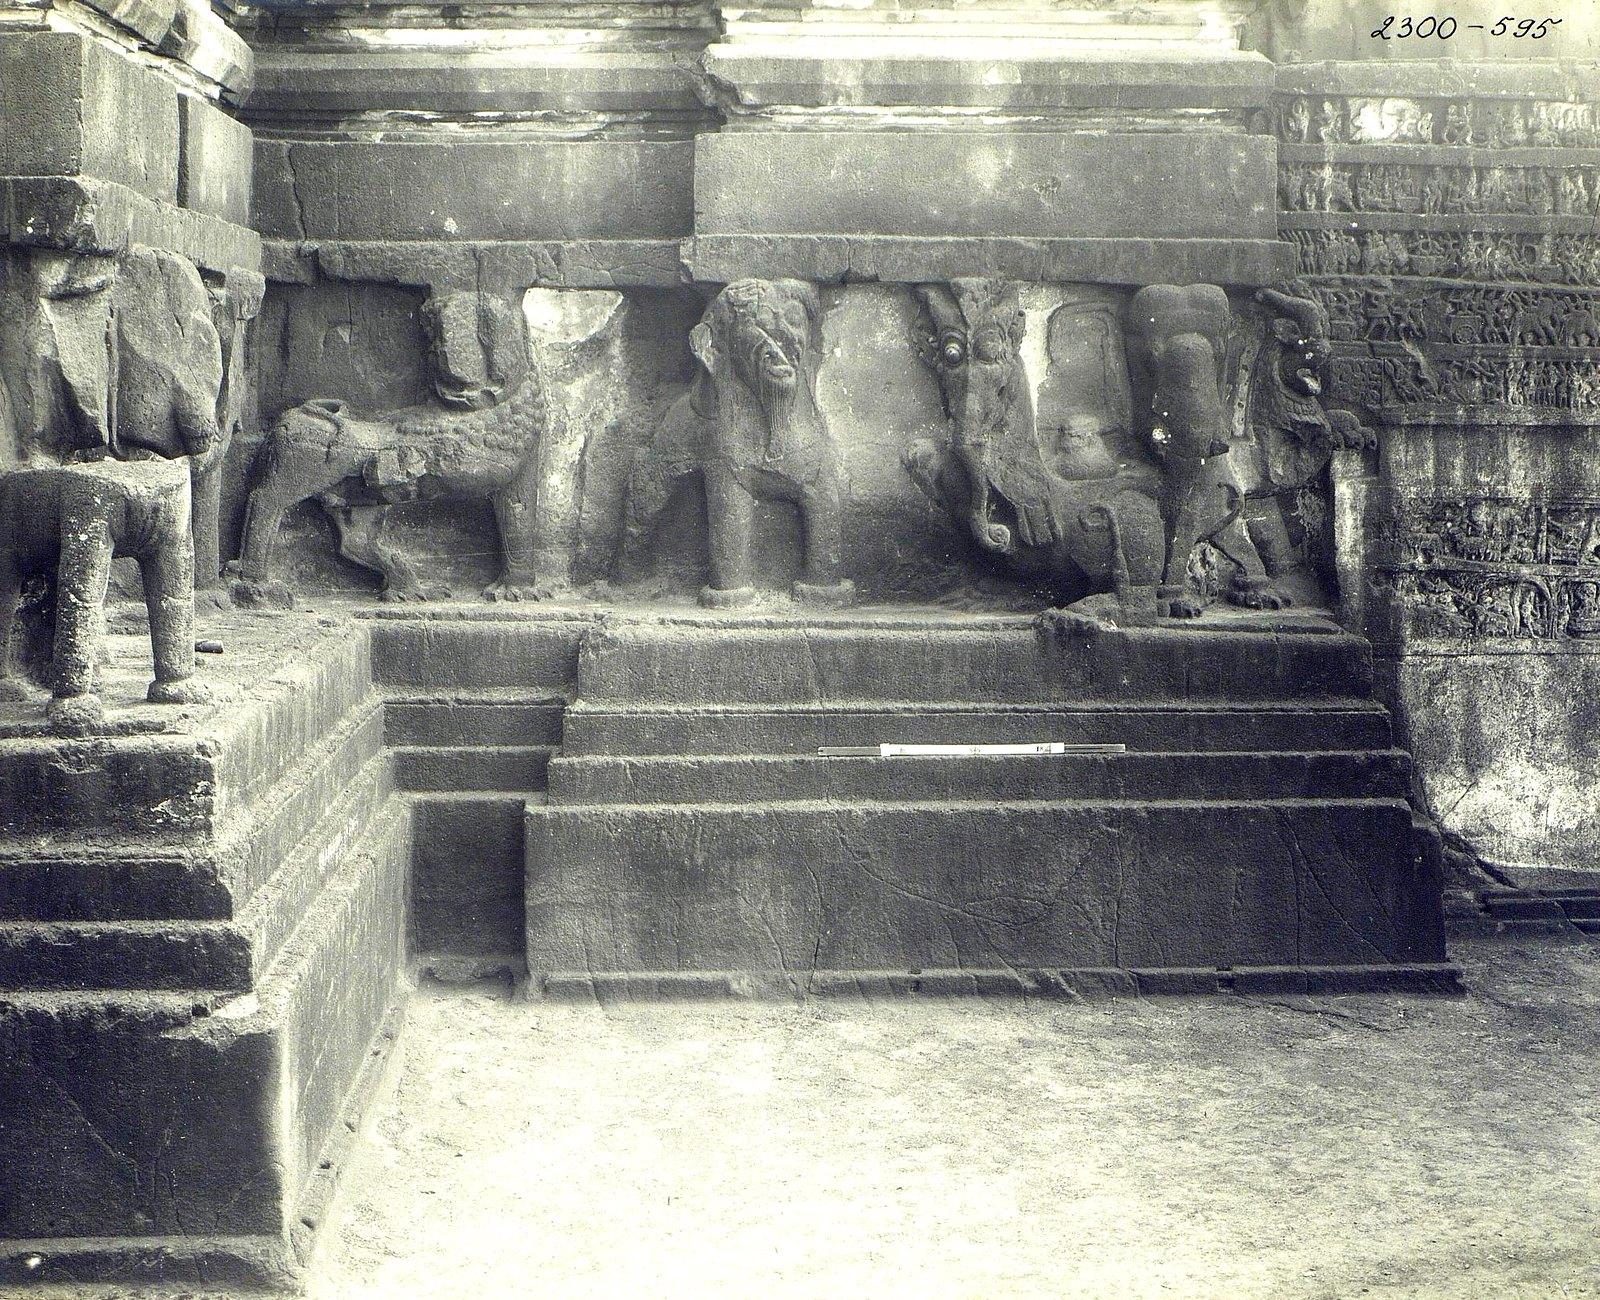 Храм Кайласа в Эллоре (деталь рельефа со слонами и львами) (23)